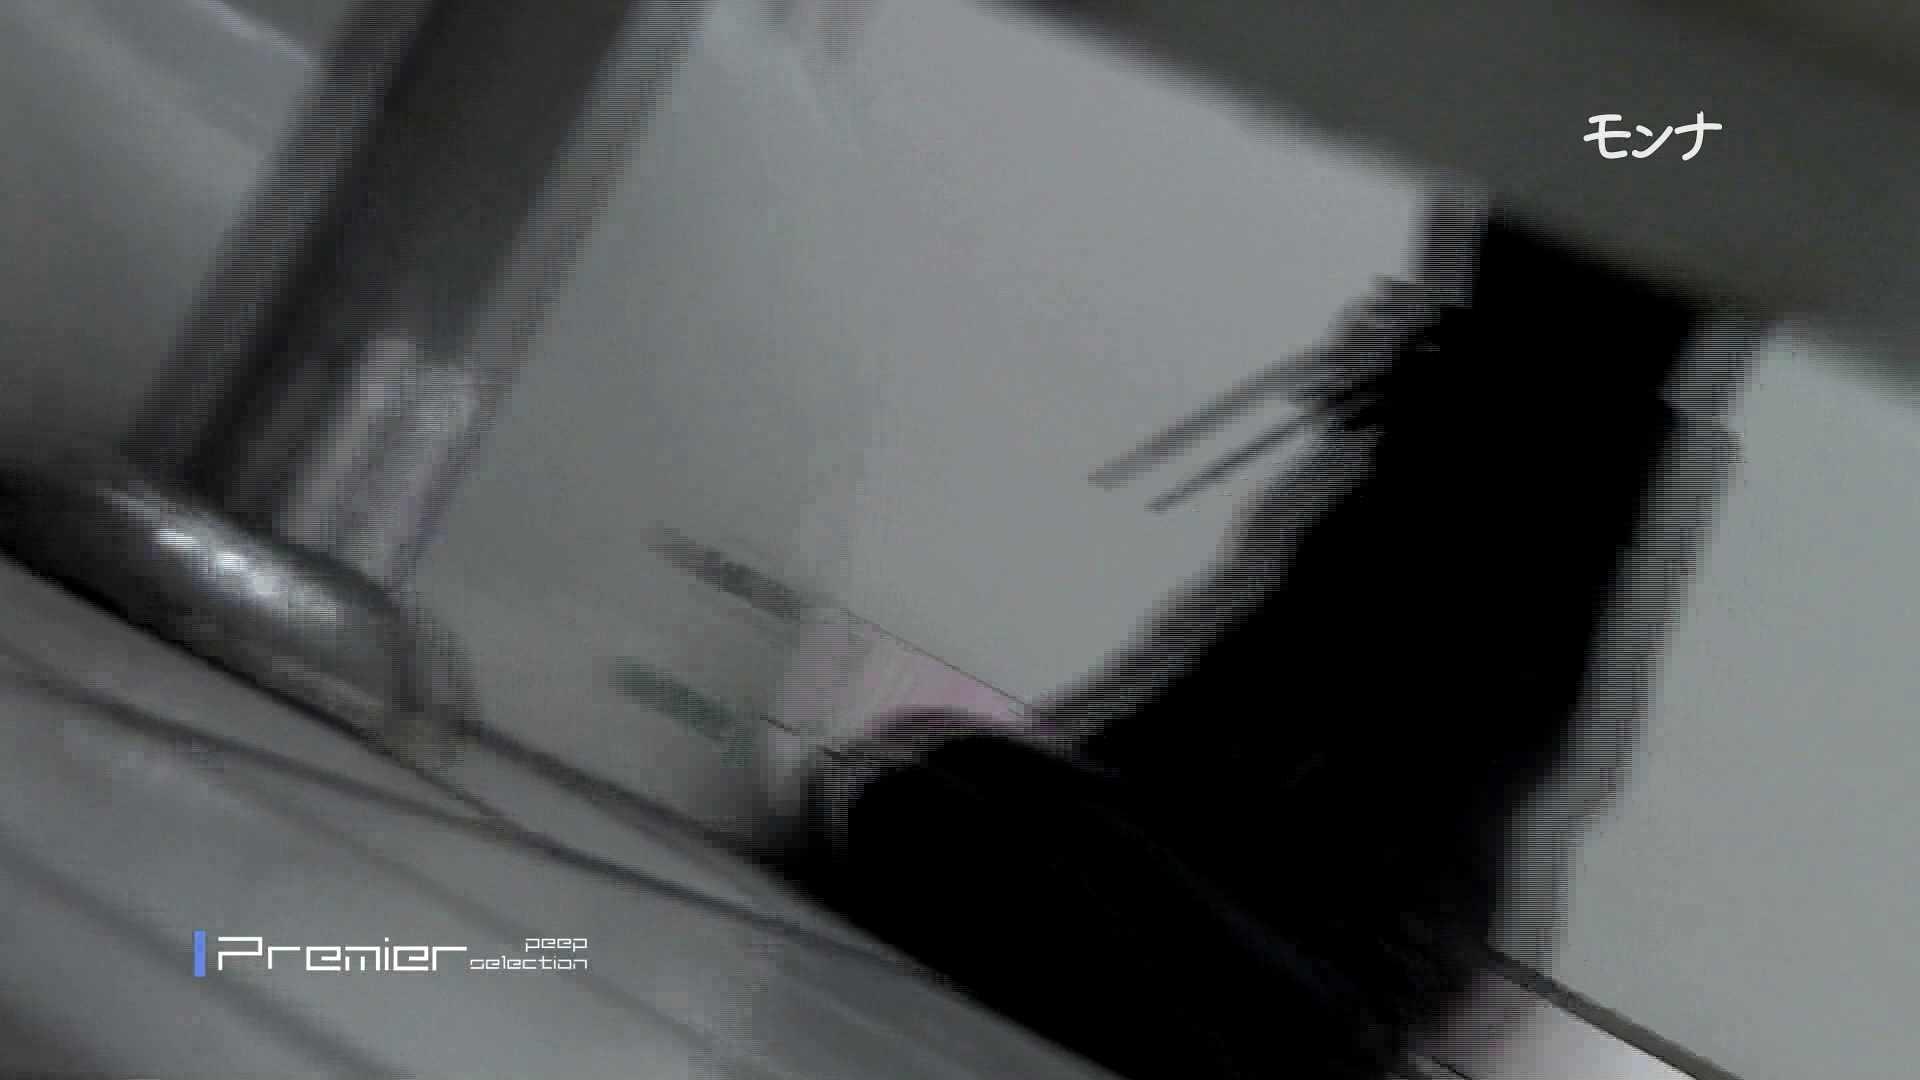 新学期!!下半身中心に攻めてます美小女可愛い女の悪戯盗撮トイレ 下半身特集  104Pix 72